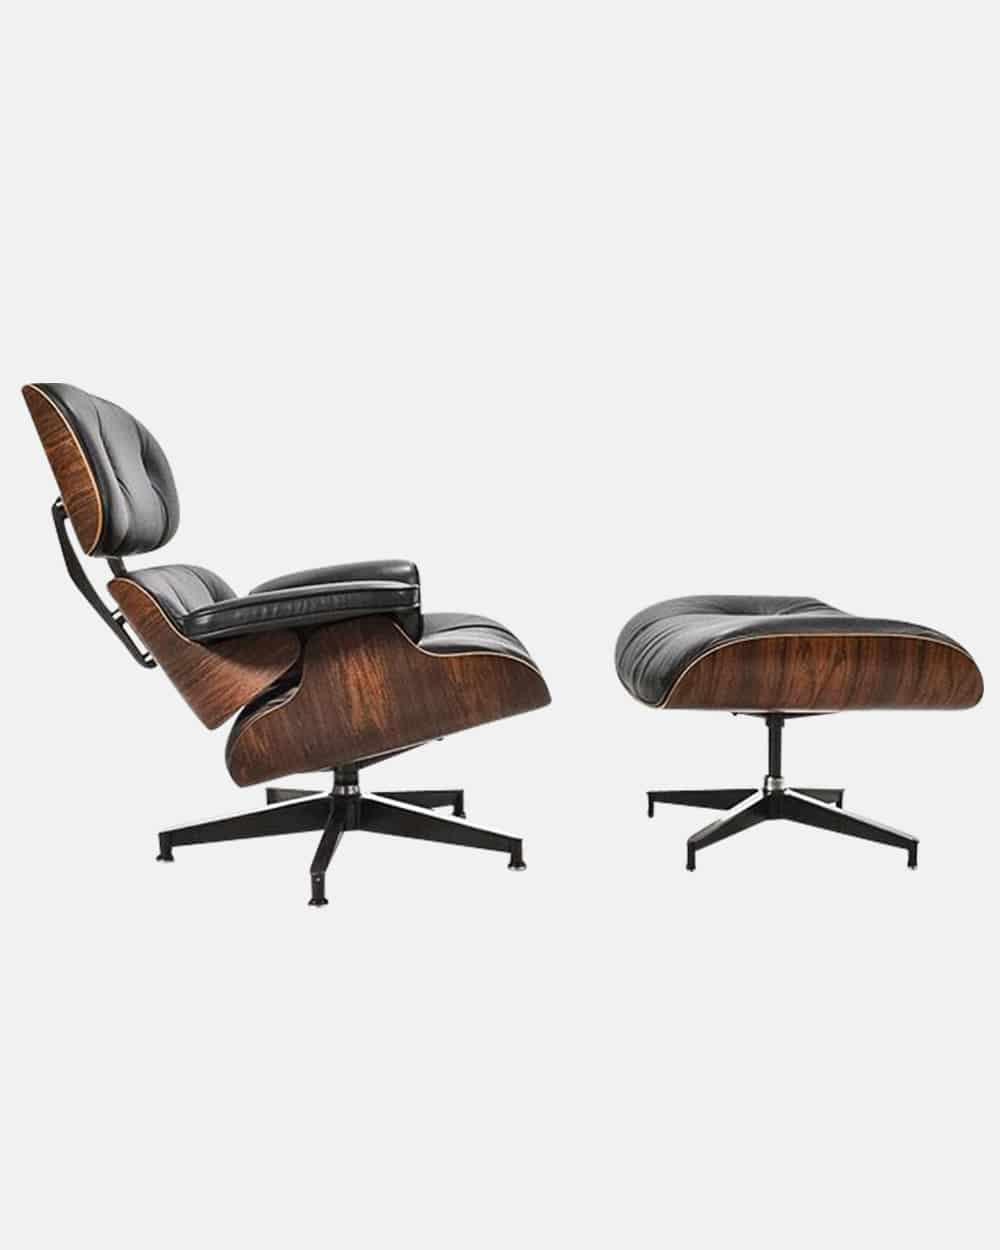 design montres vintage qui se ressemble s 39 assemble. Black Bedroom Furniture Sets. Home Design Ideas